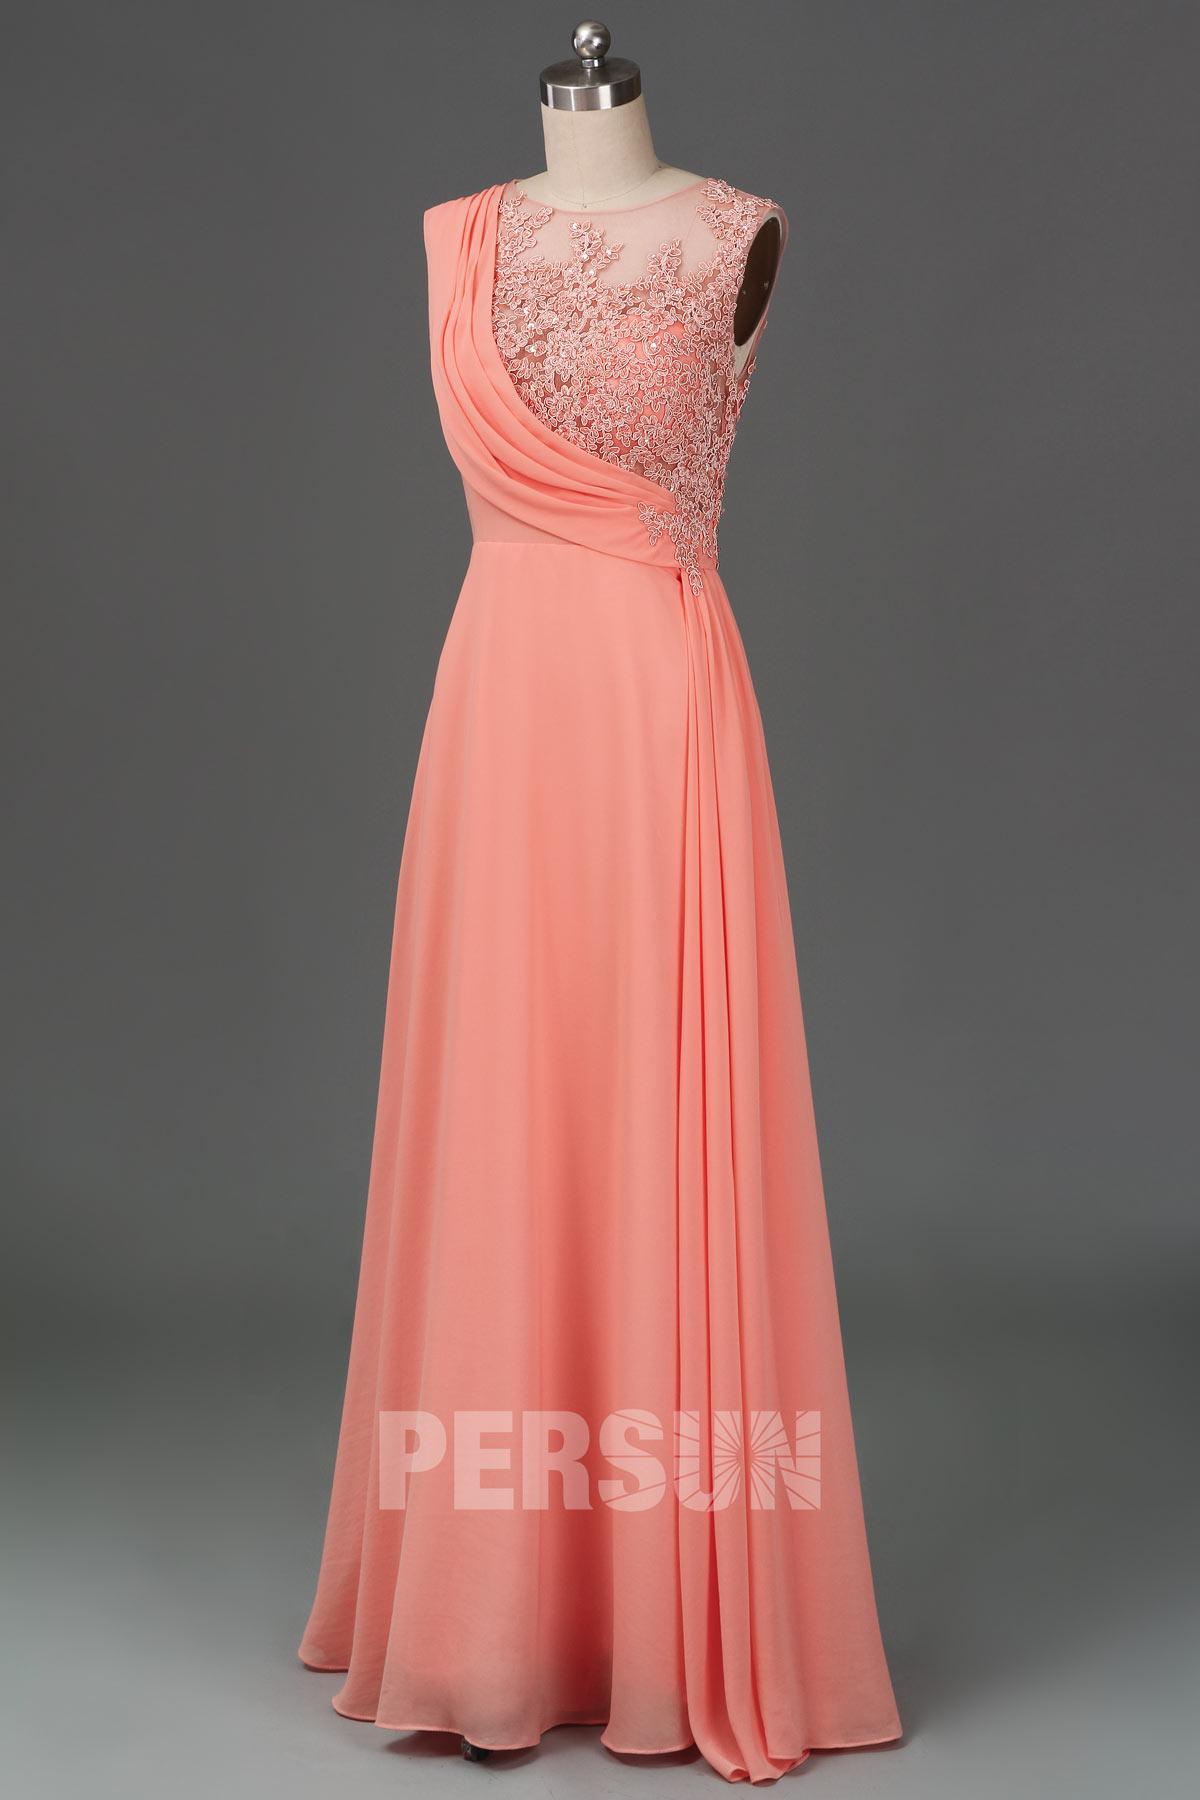 Robe de gala longue couleur cerise classe haut appliqué